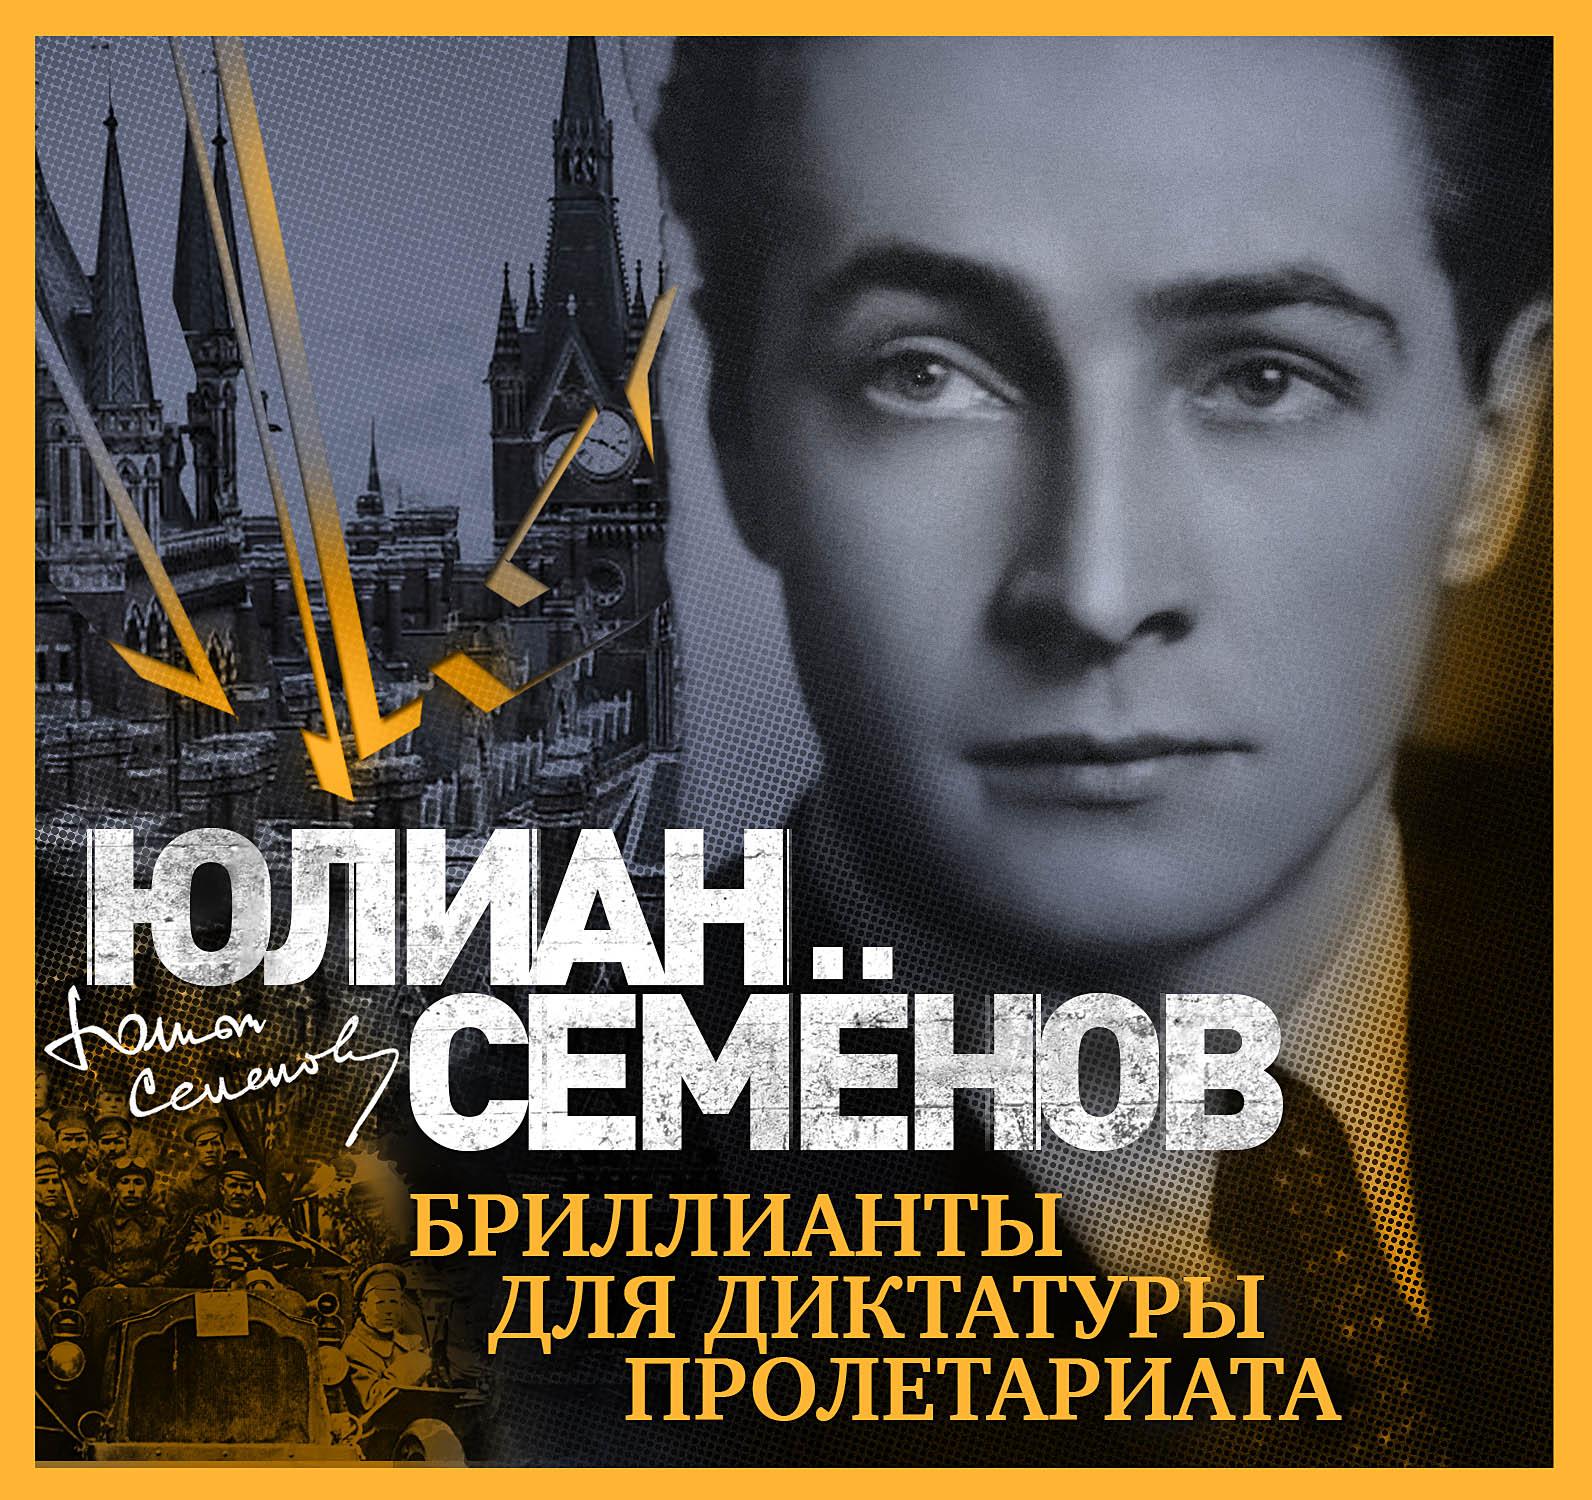 Юлиан Семенов Бриллианты для диктатуры пролетариата